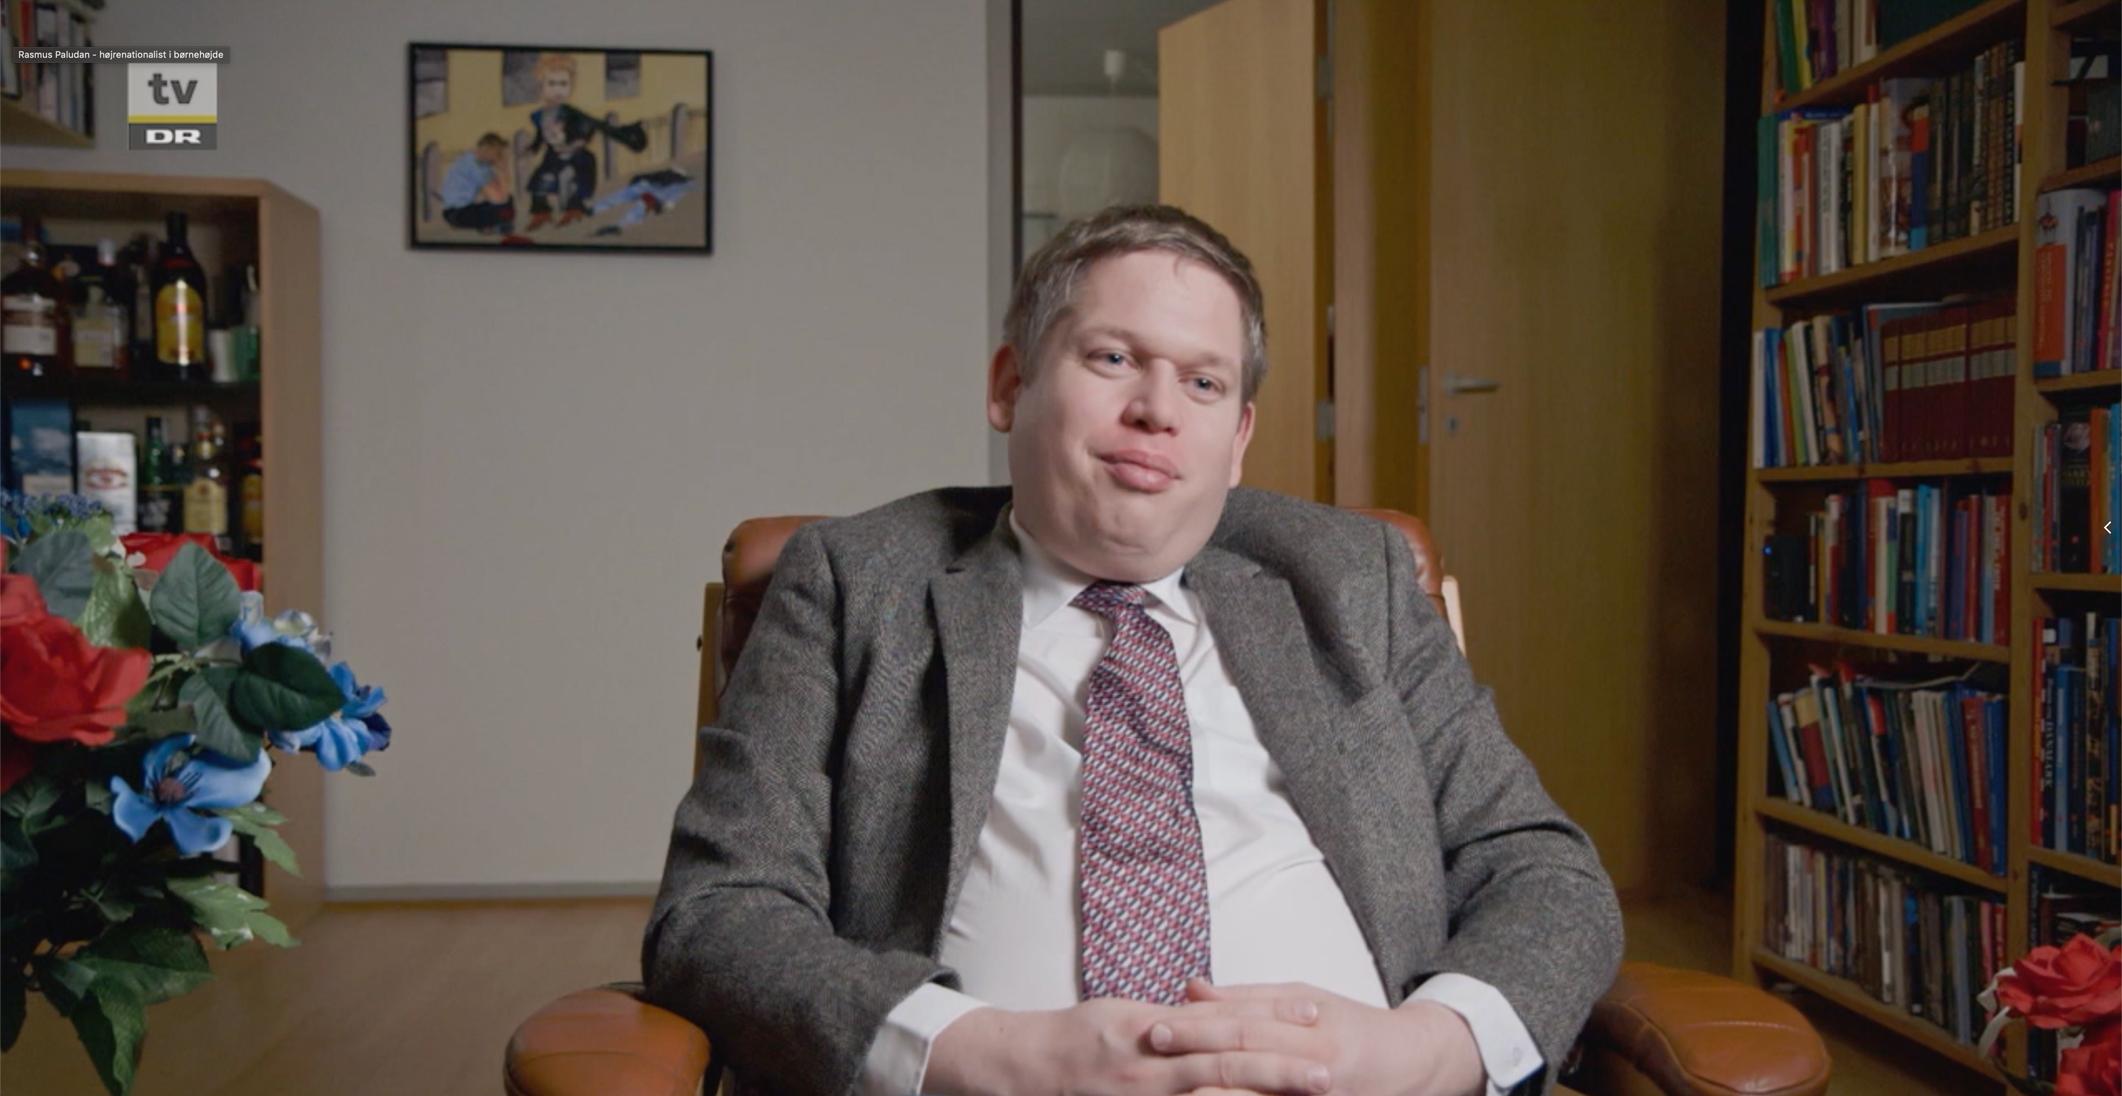 RASMUS PALUDAN - HØJRENATIONALIST I BØRNEHØJDE (2019)  DR2